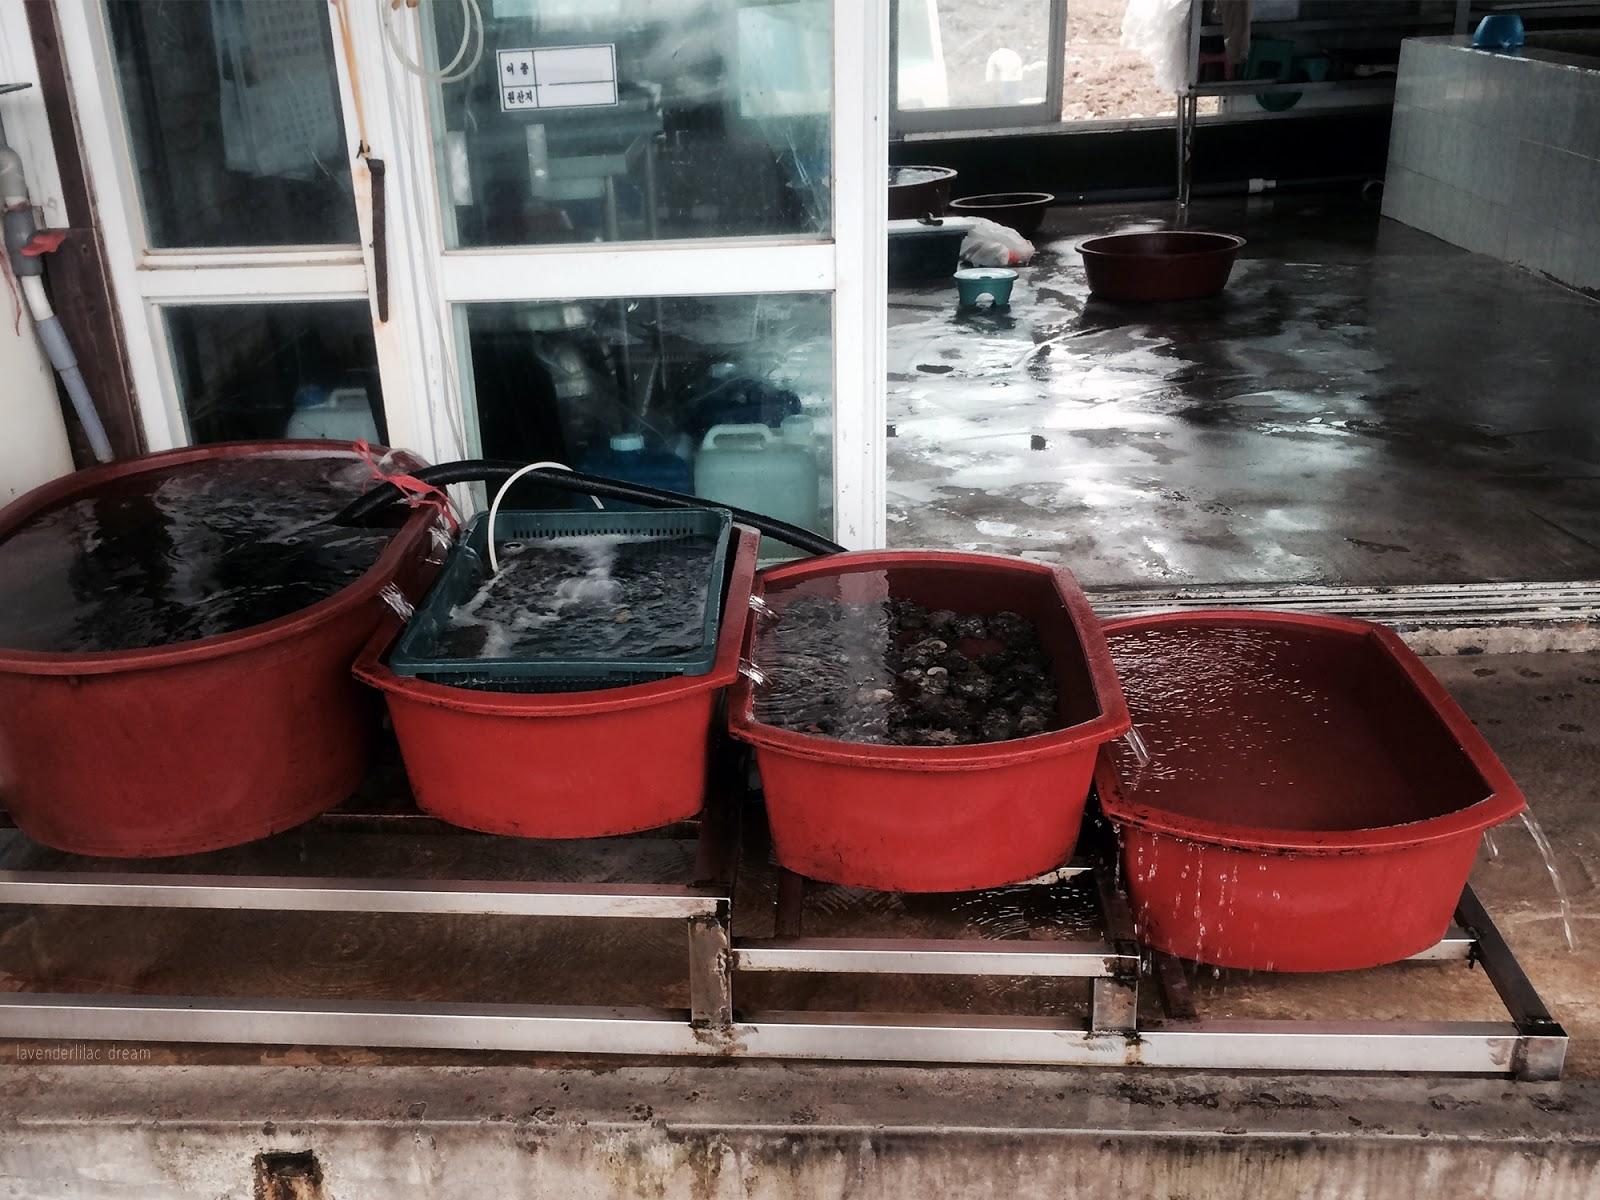 South Korea, Jeju Island, Yonsei University, YISS 2014, Seopji Coast seafood stall